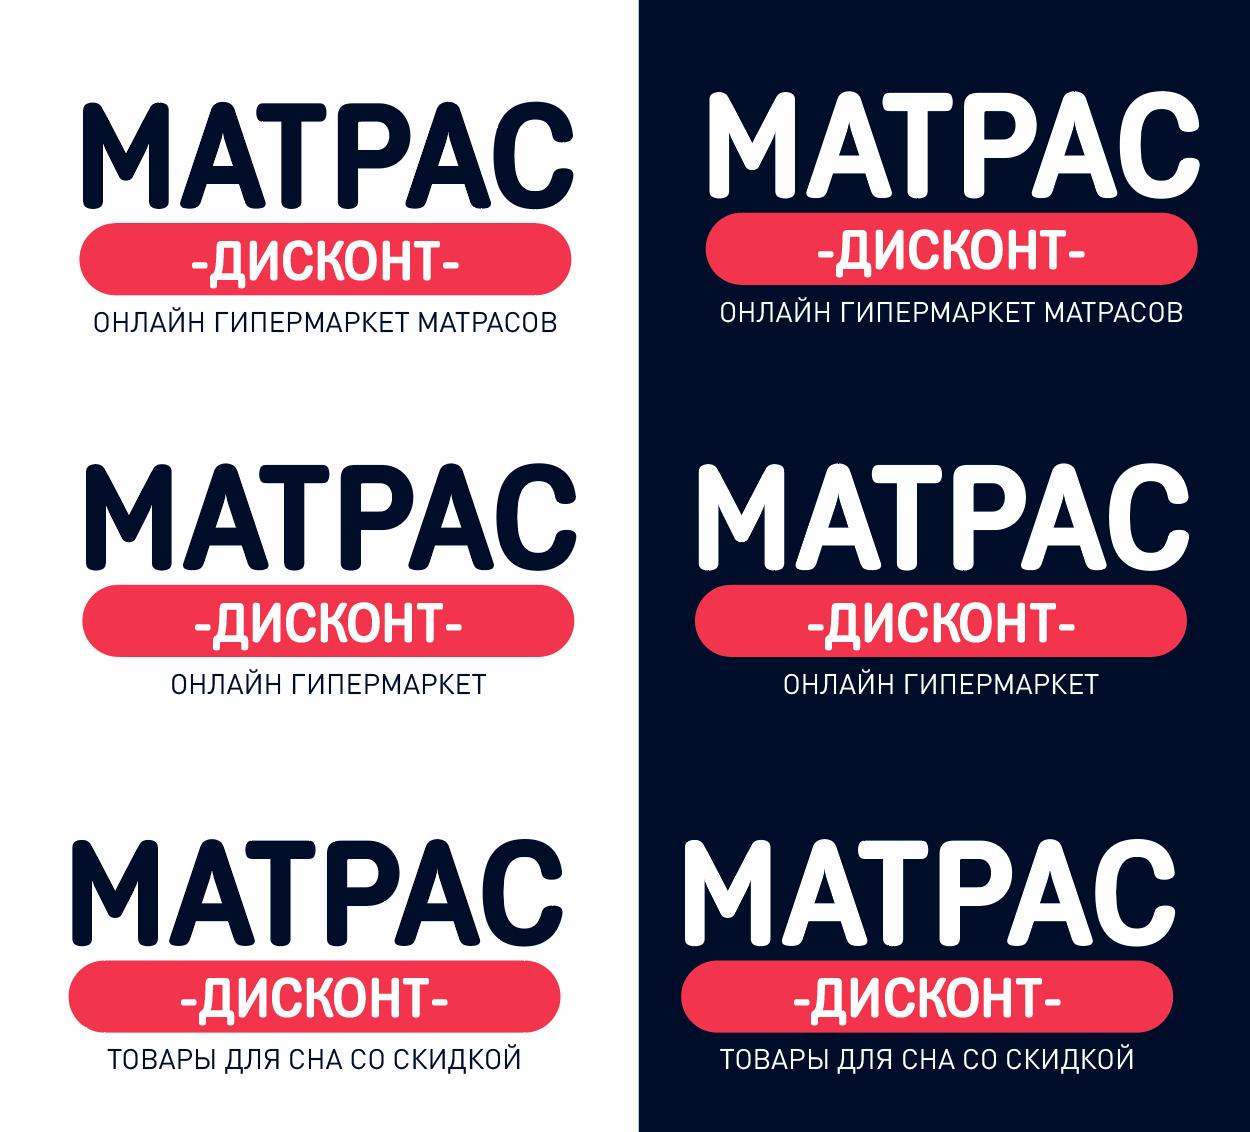 Логотип для ИМ матрасов фото f_4295c86bc2c4a276.png